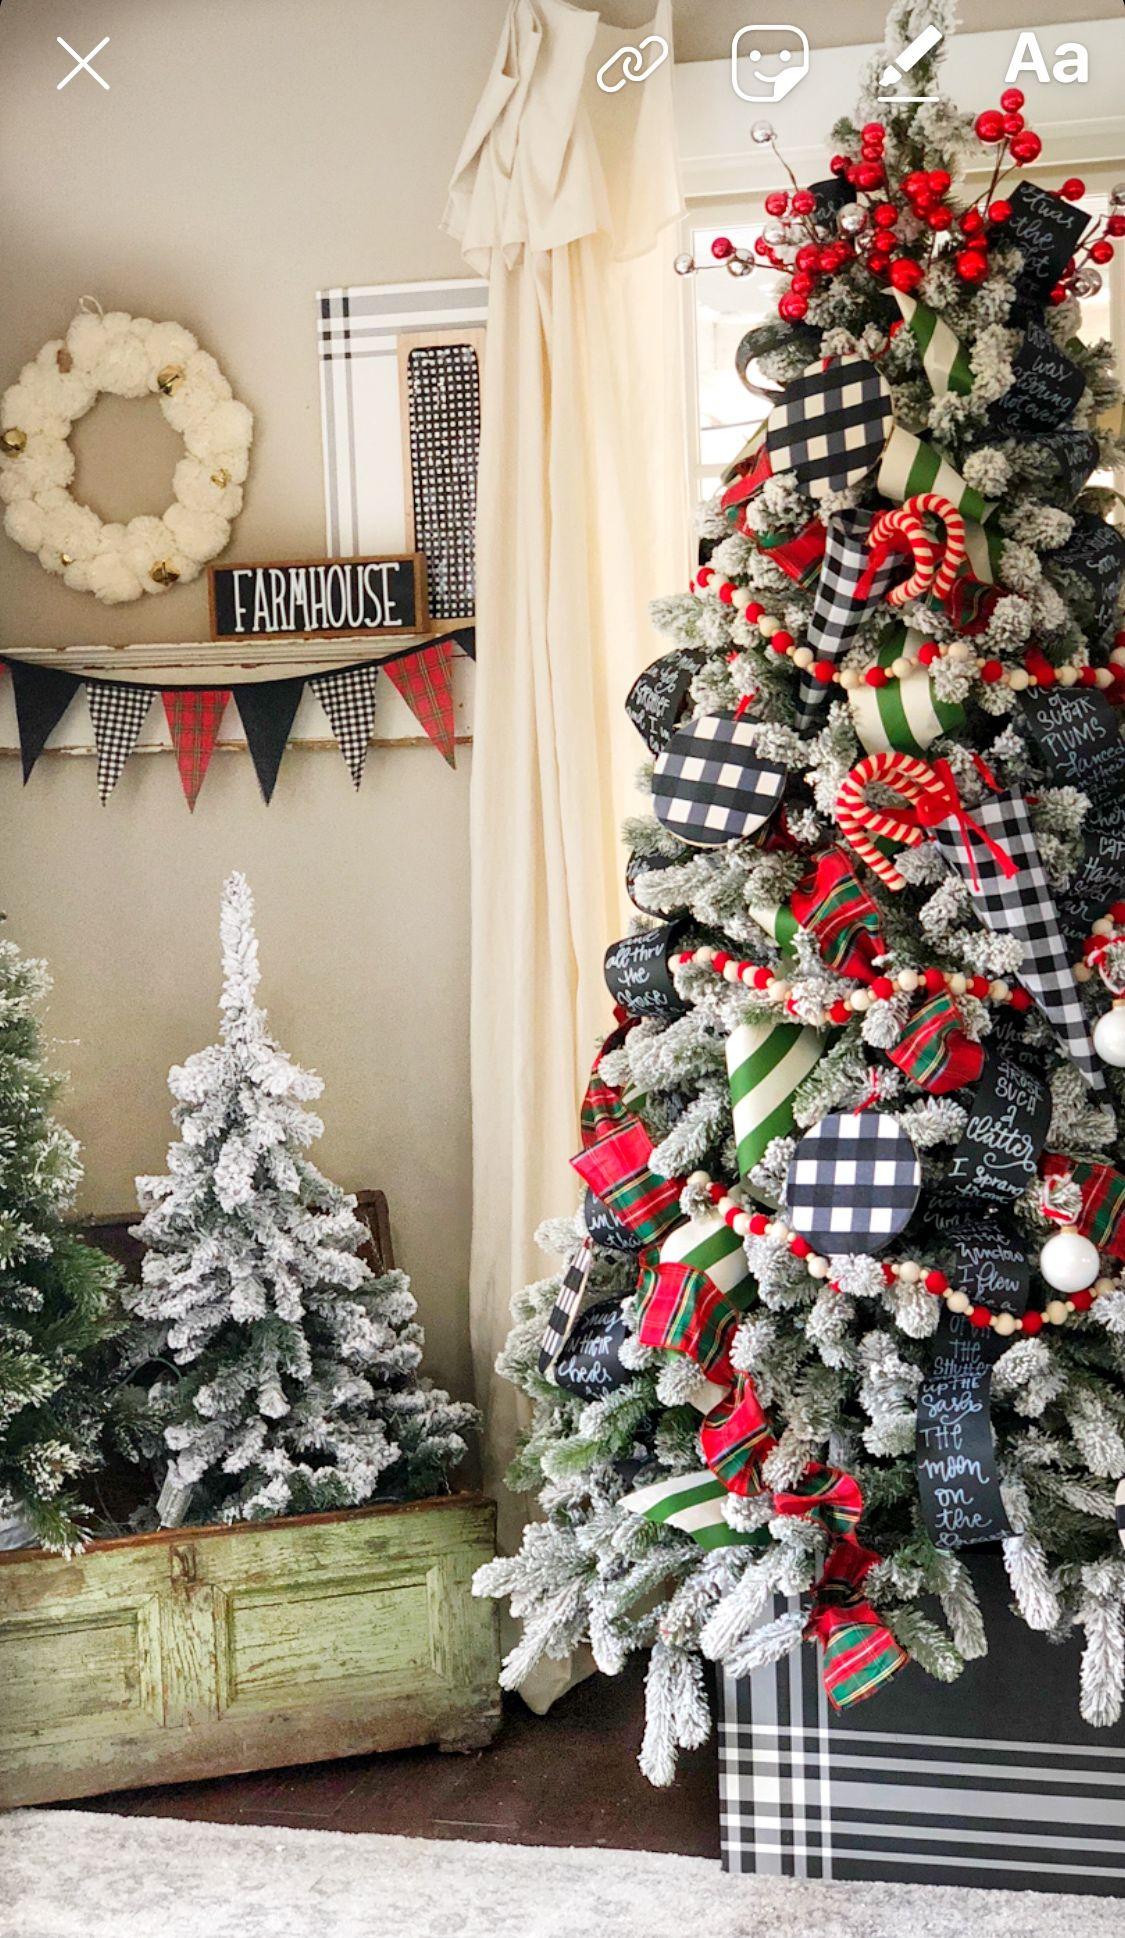 Buffalo Check Christmas Decor.Farmhouse Buffalo Check Christmas Have Yourself A Merry